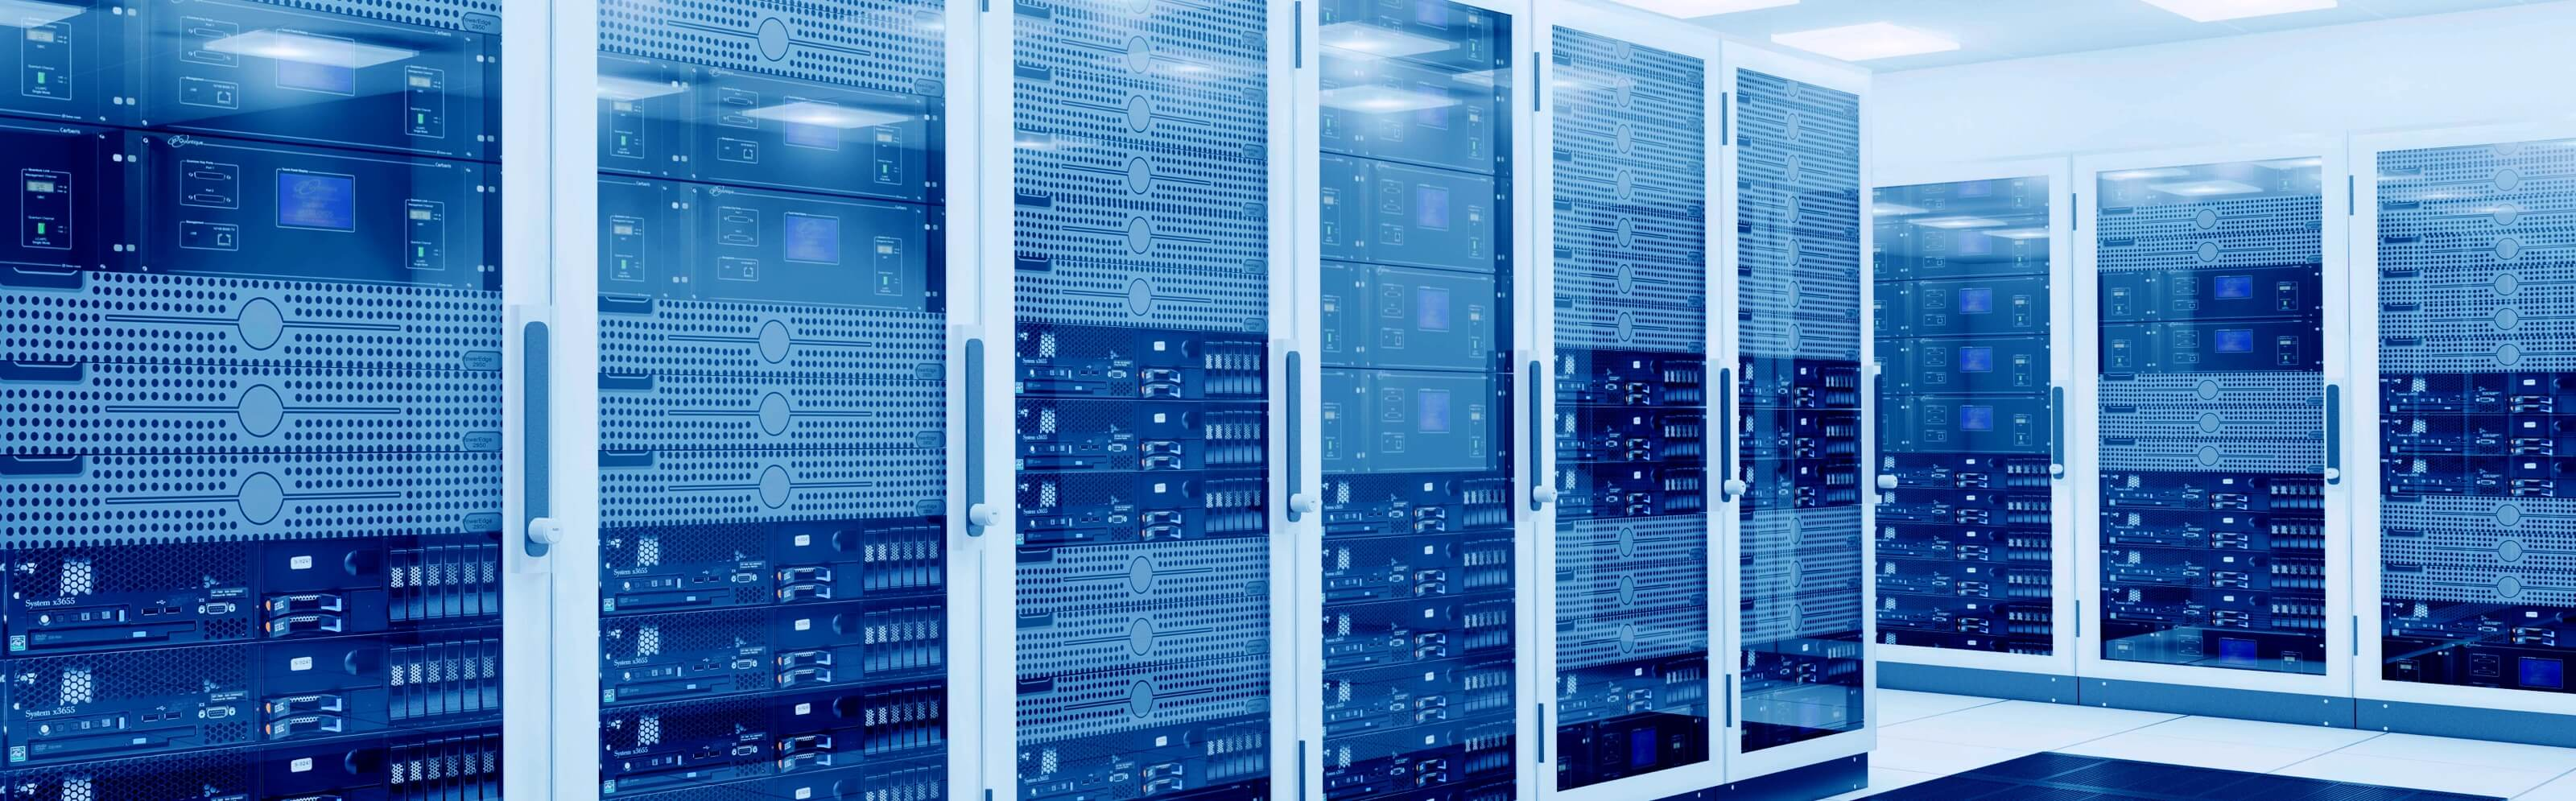 Infrastruktur Lösungen von Beltronic bringen Ihr Unternehmen weiter